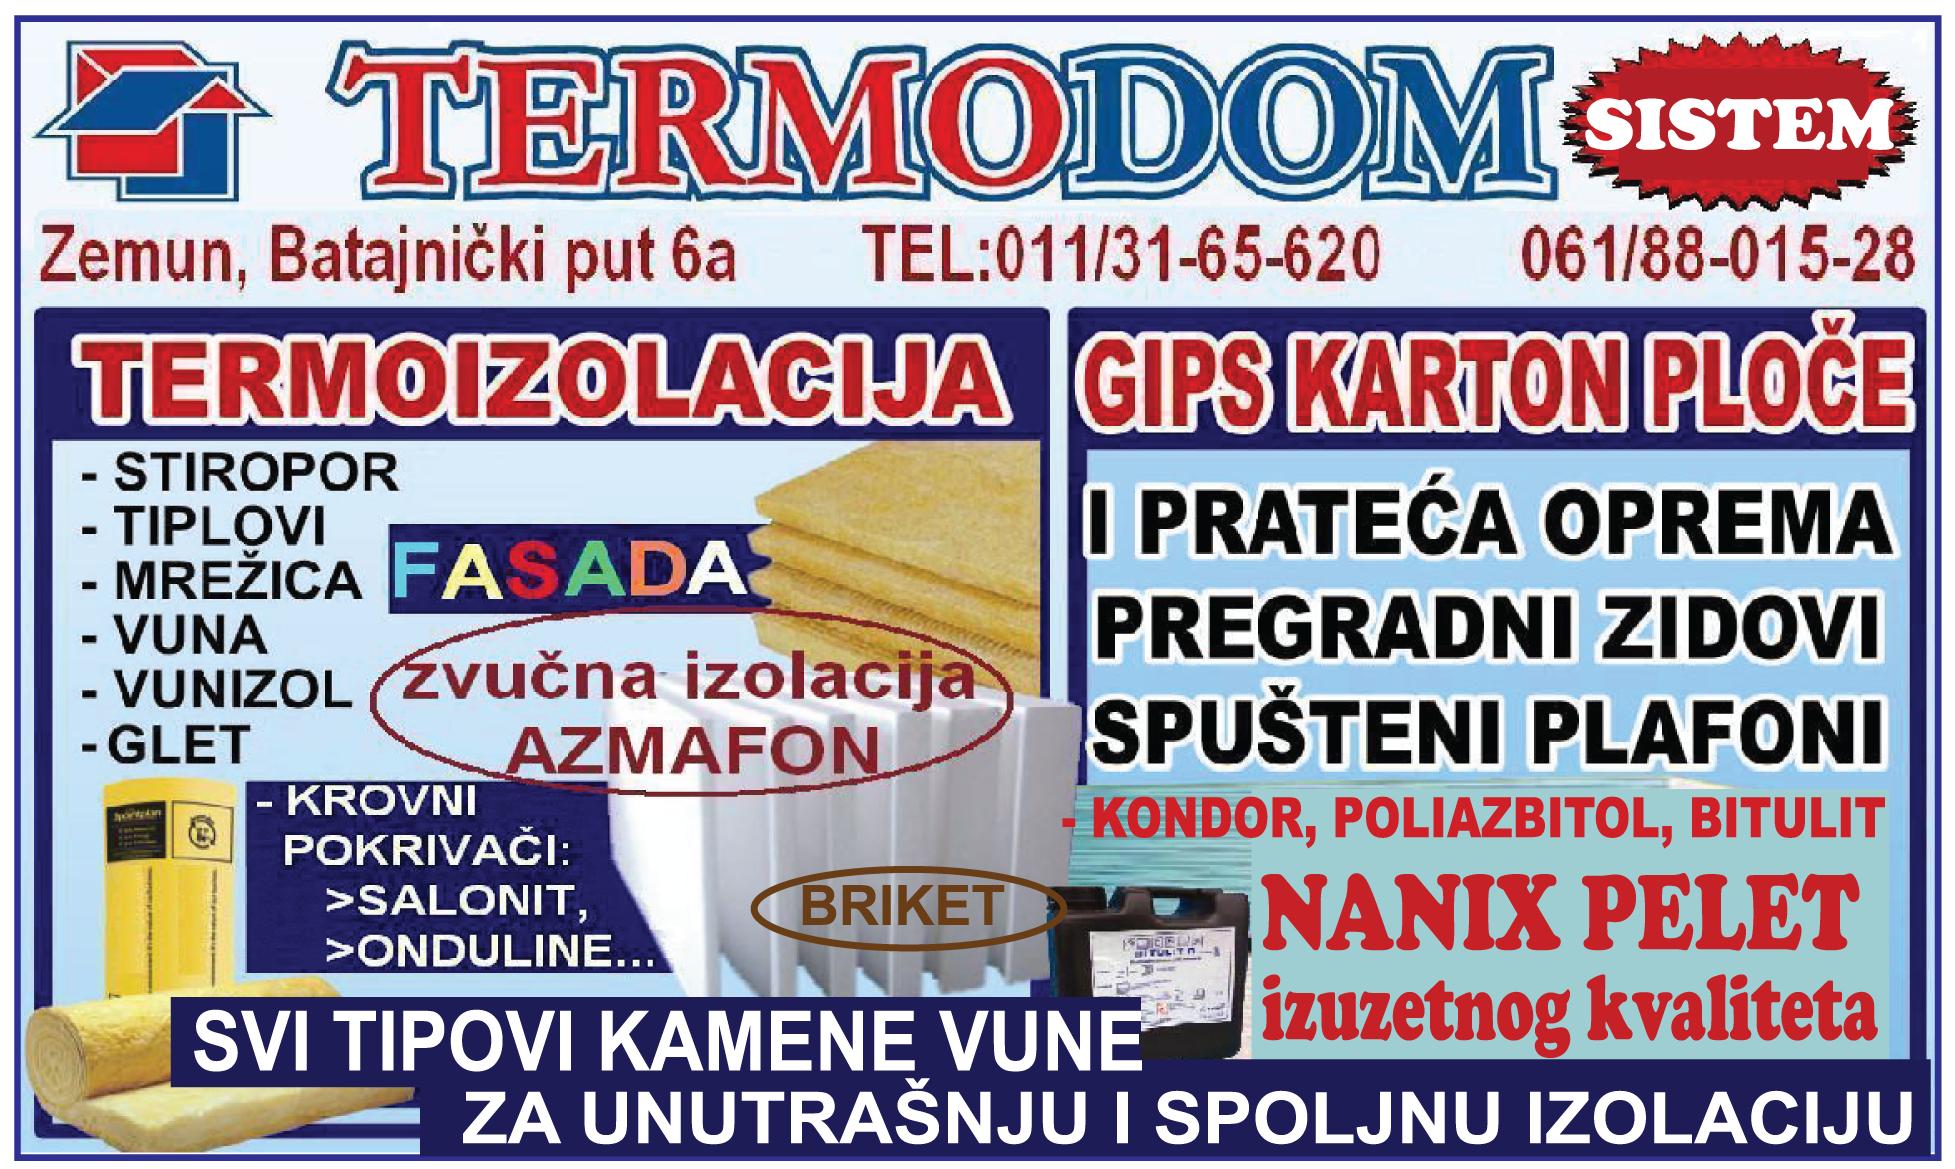 termodom-stovariste-zemun-gradjevina-materijal-pelet-nanix-reklame-oglasavanje-marketing-putovanja-letovanjegrcka-nov-2018 (4)